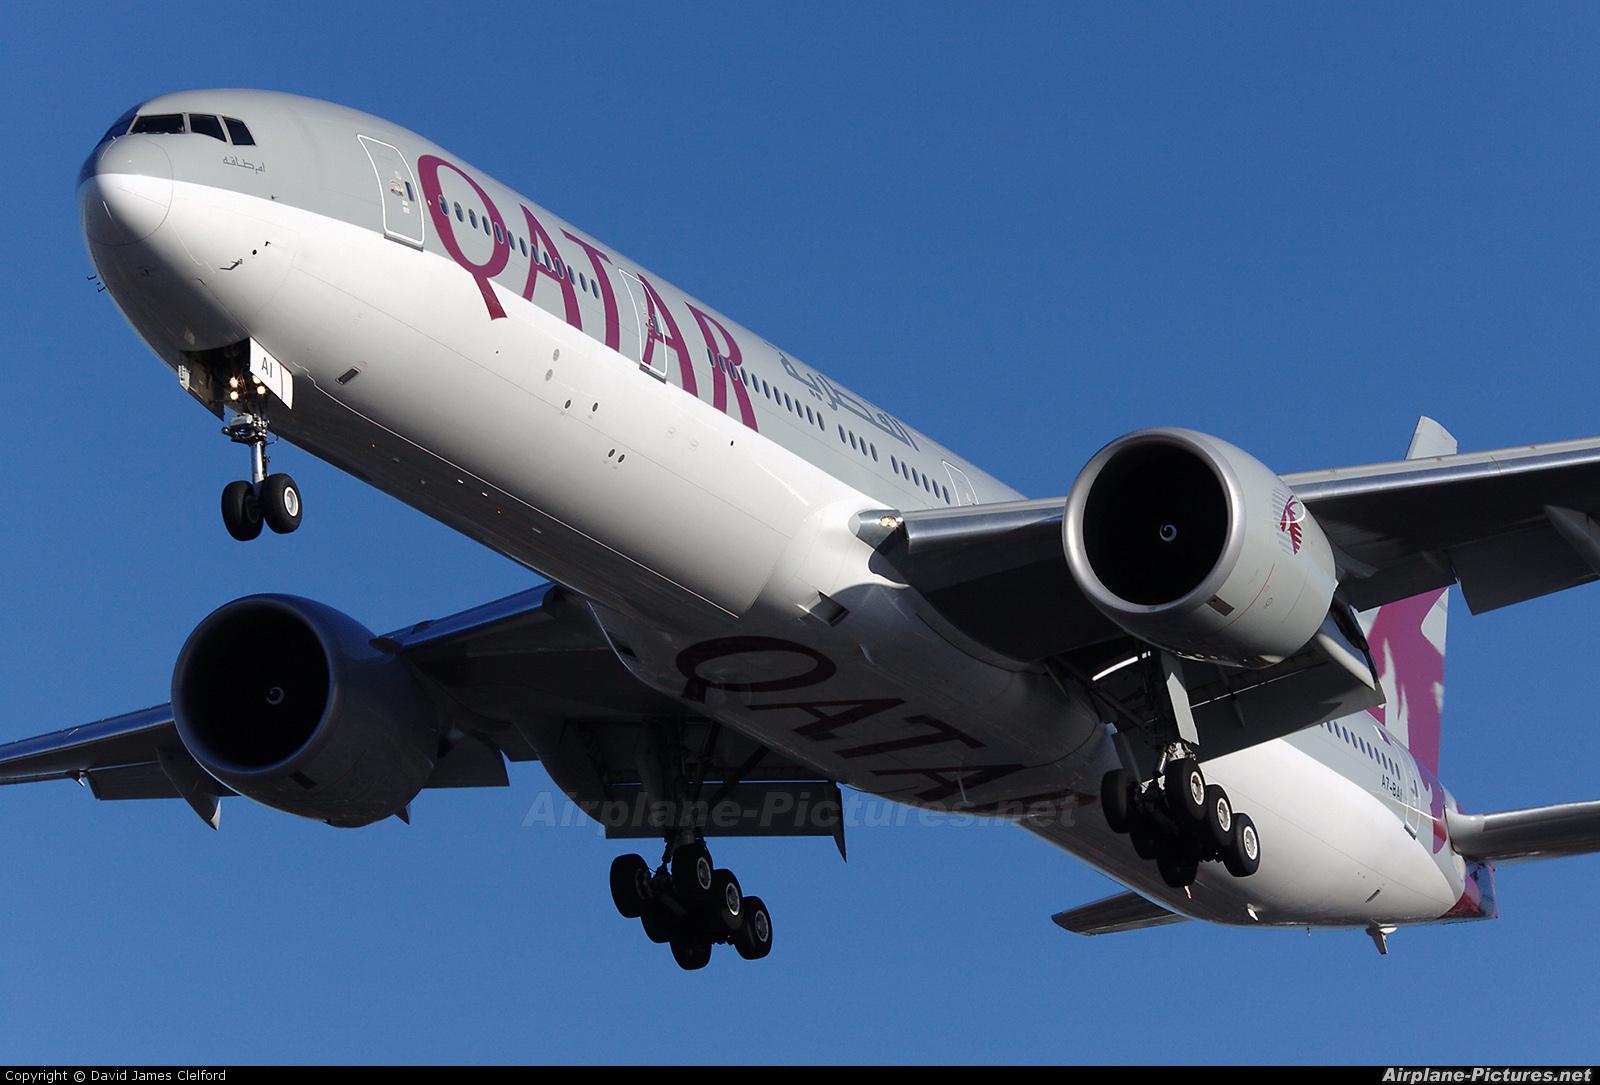 Qatar Airways A7-BAI aircraft at London - Heathrow